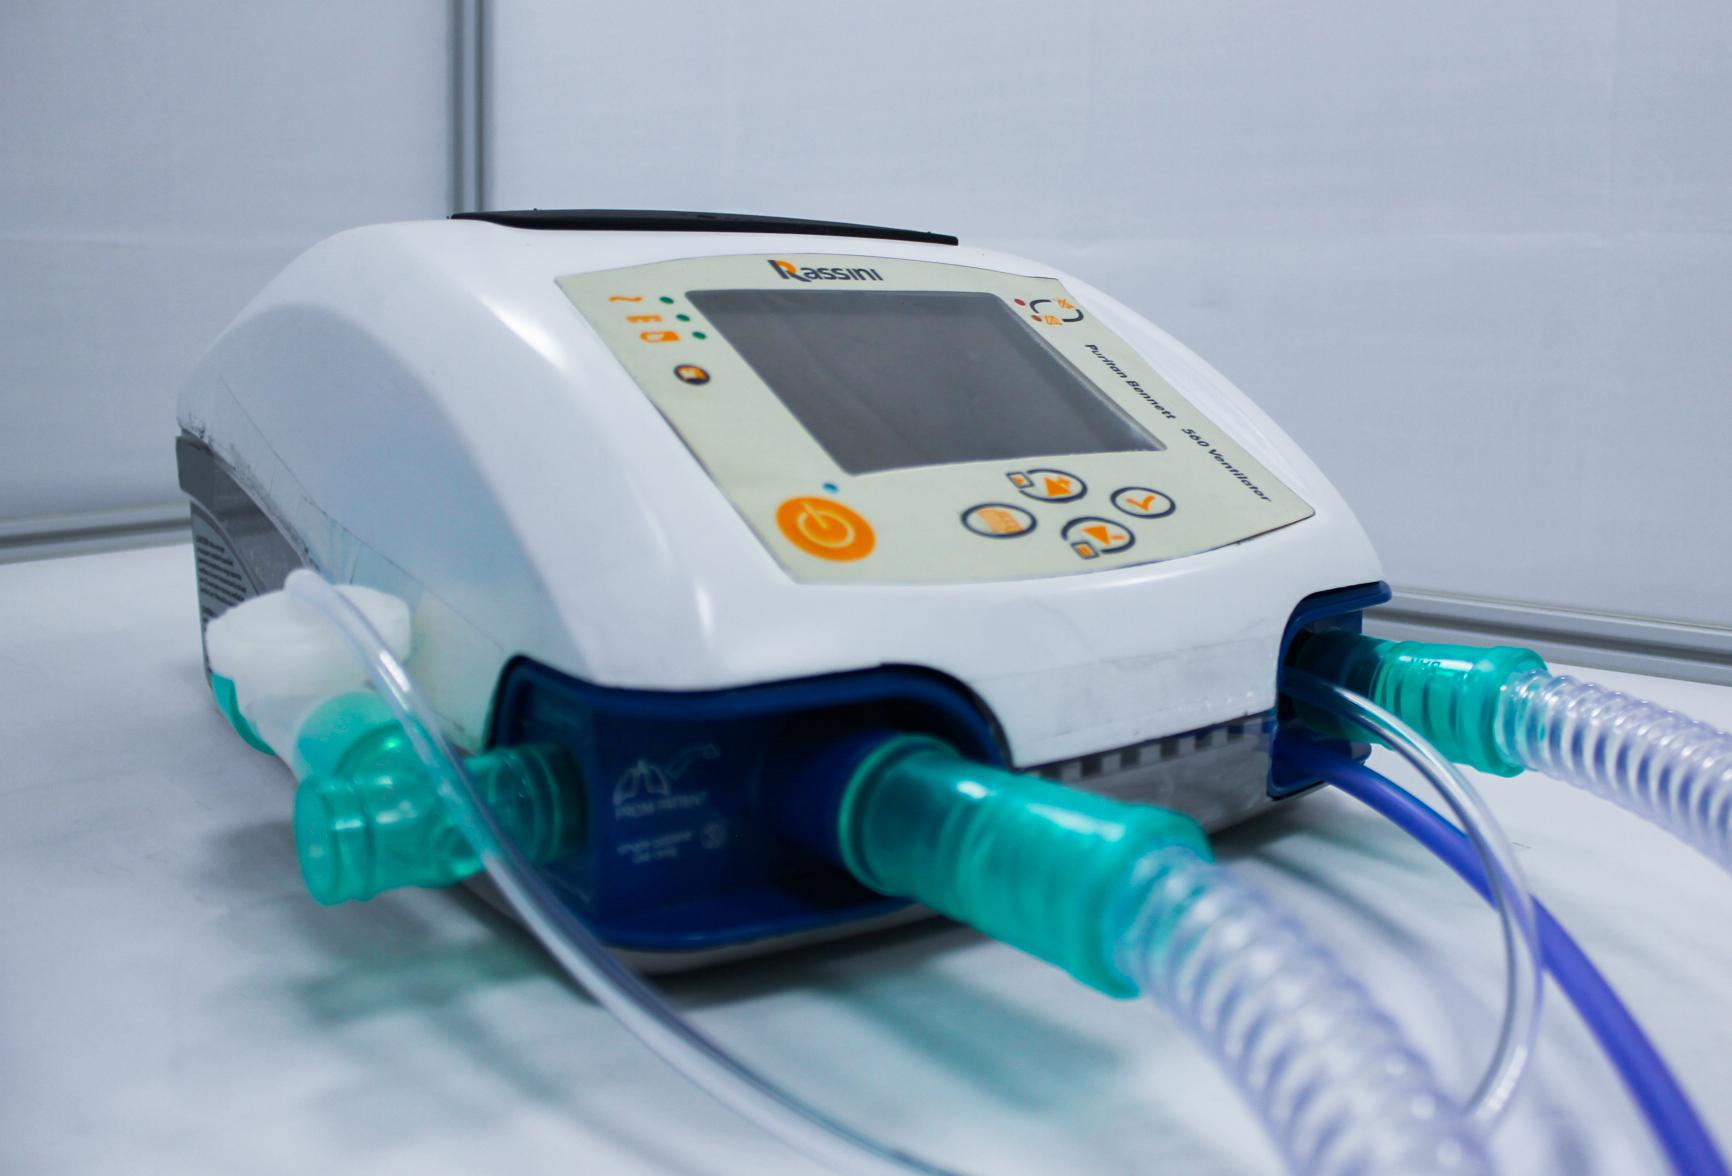 Egresados UDLAP contribuyeron al desarrollo de un ventilador para enfermedades respiratorias